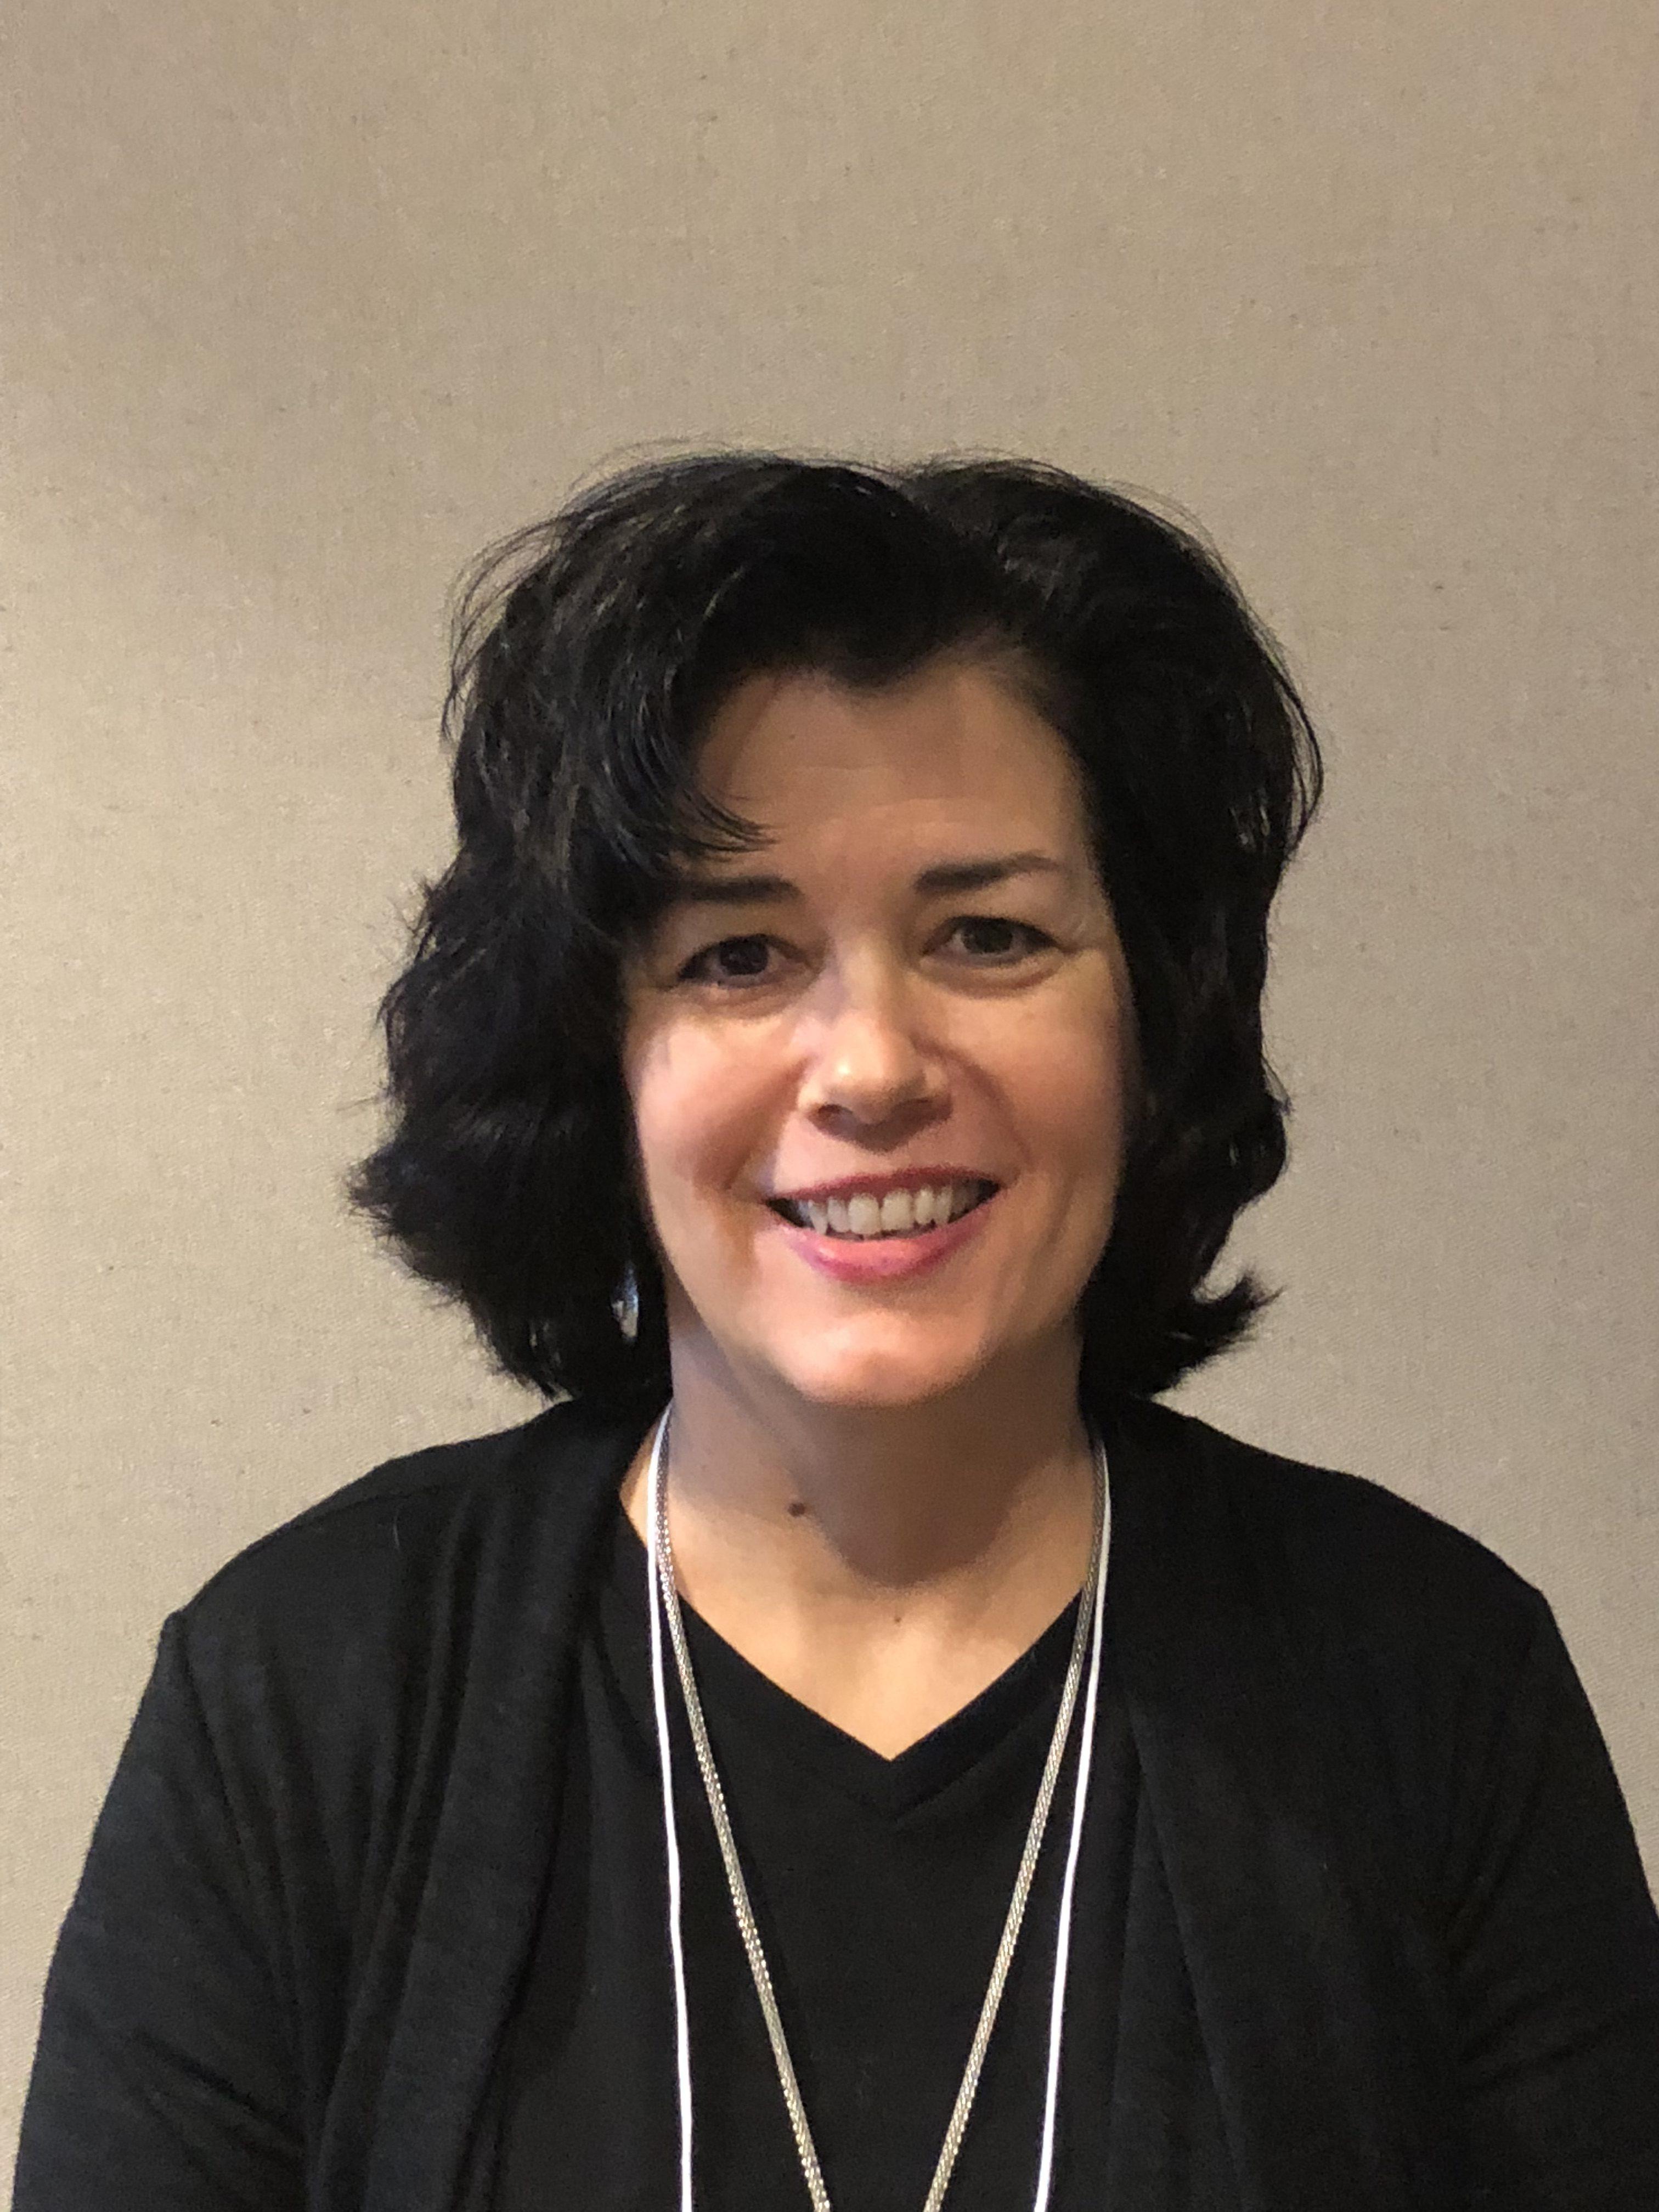 Kathleen McEwen